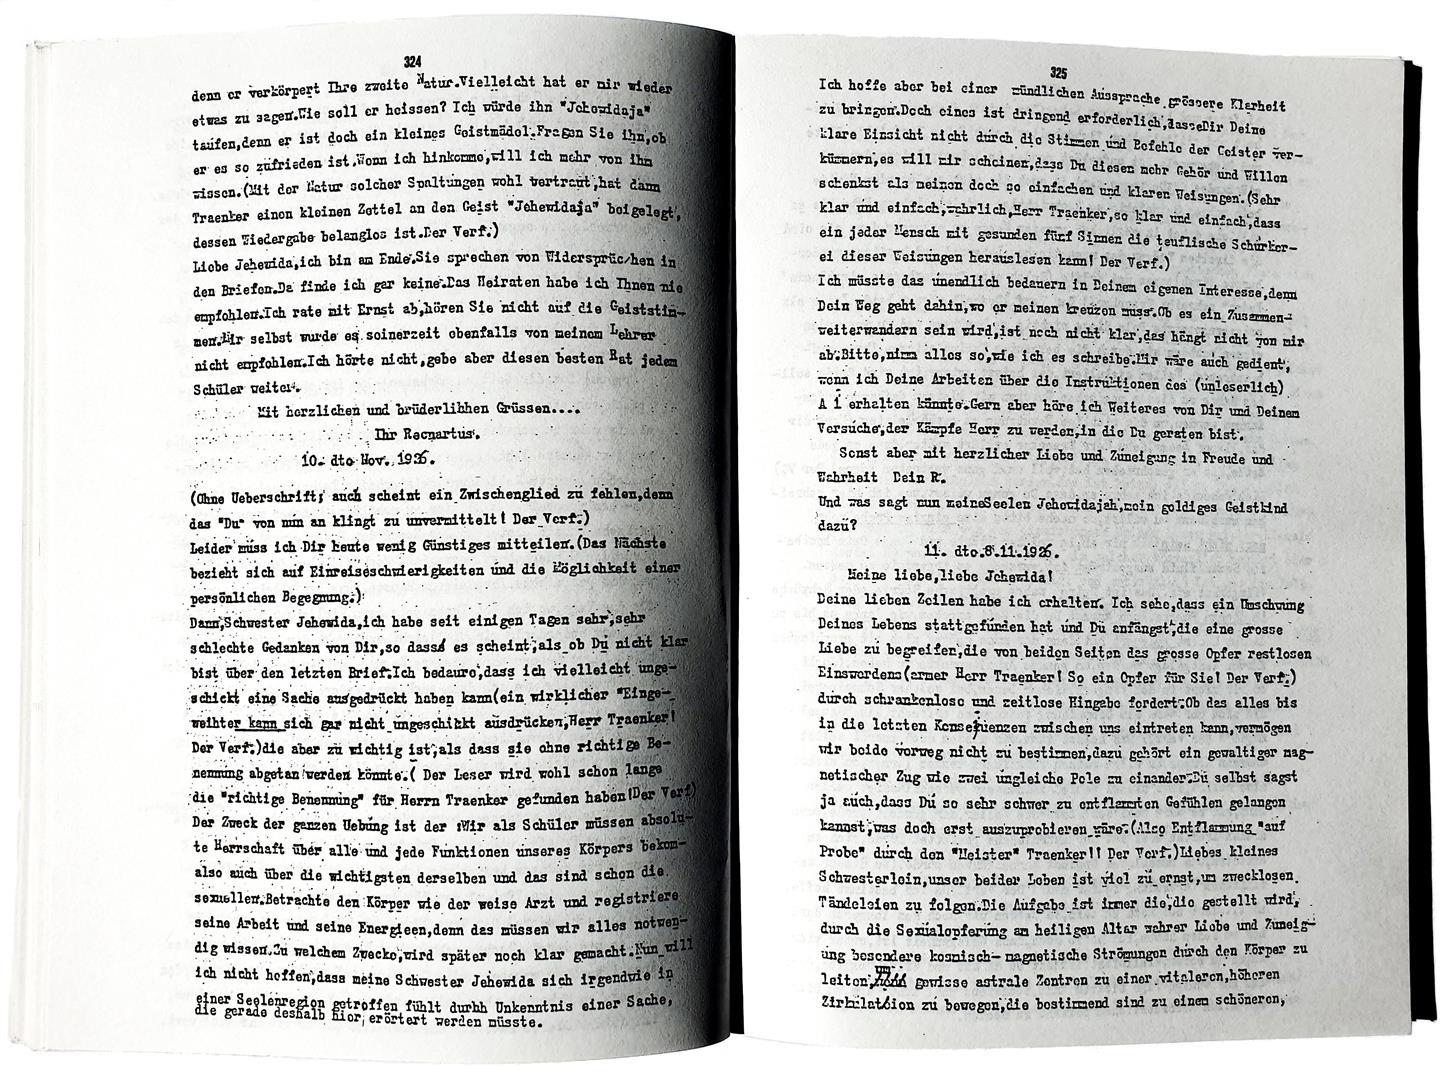 Die entschluesselten Sexualmysterien der Pansophie Recnartus — Traenker. Alfred Strauss